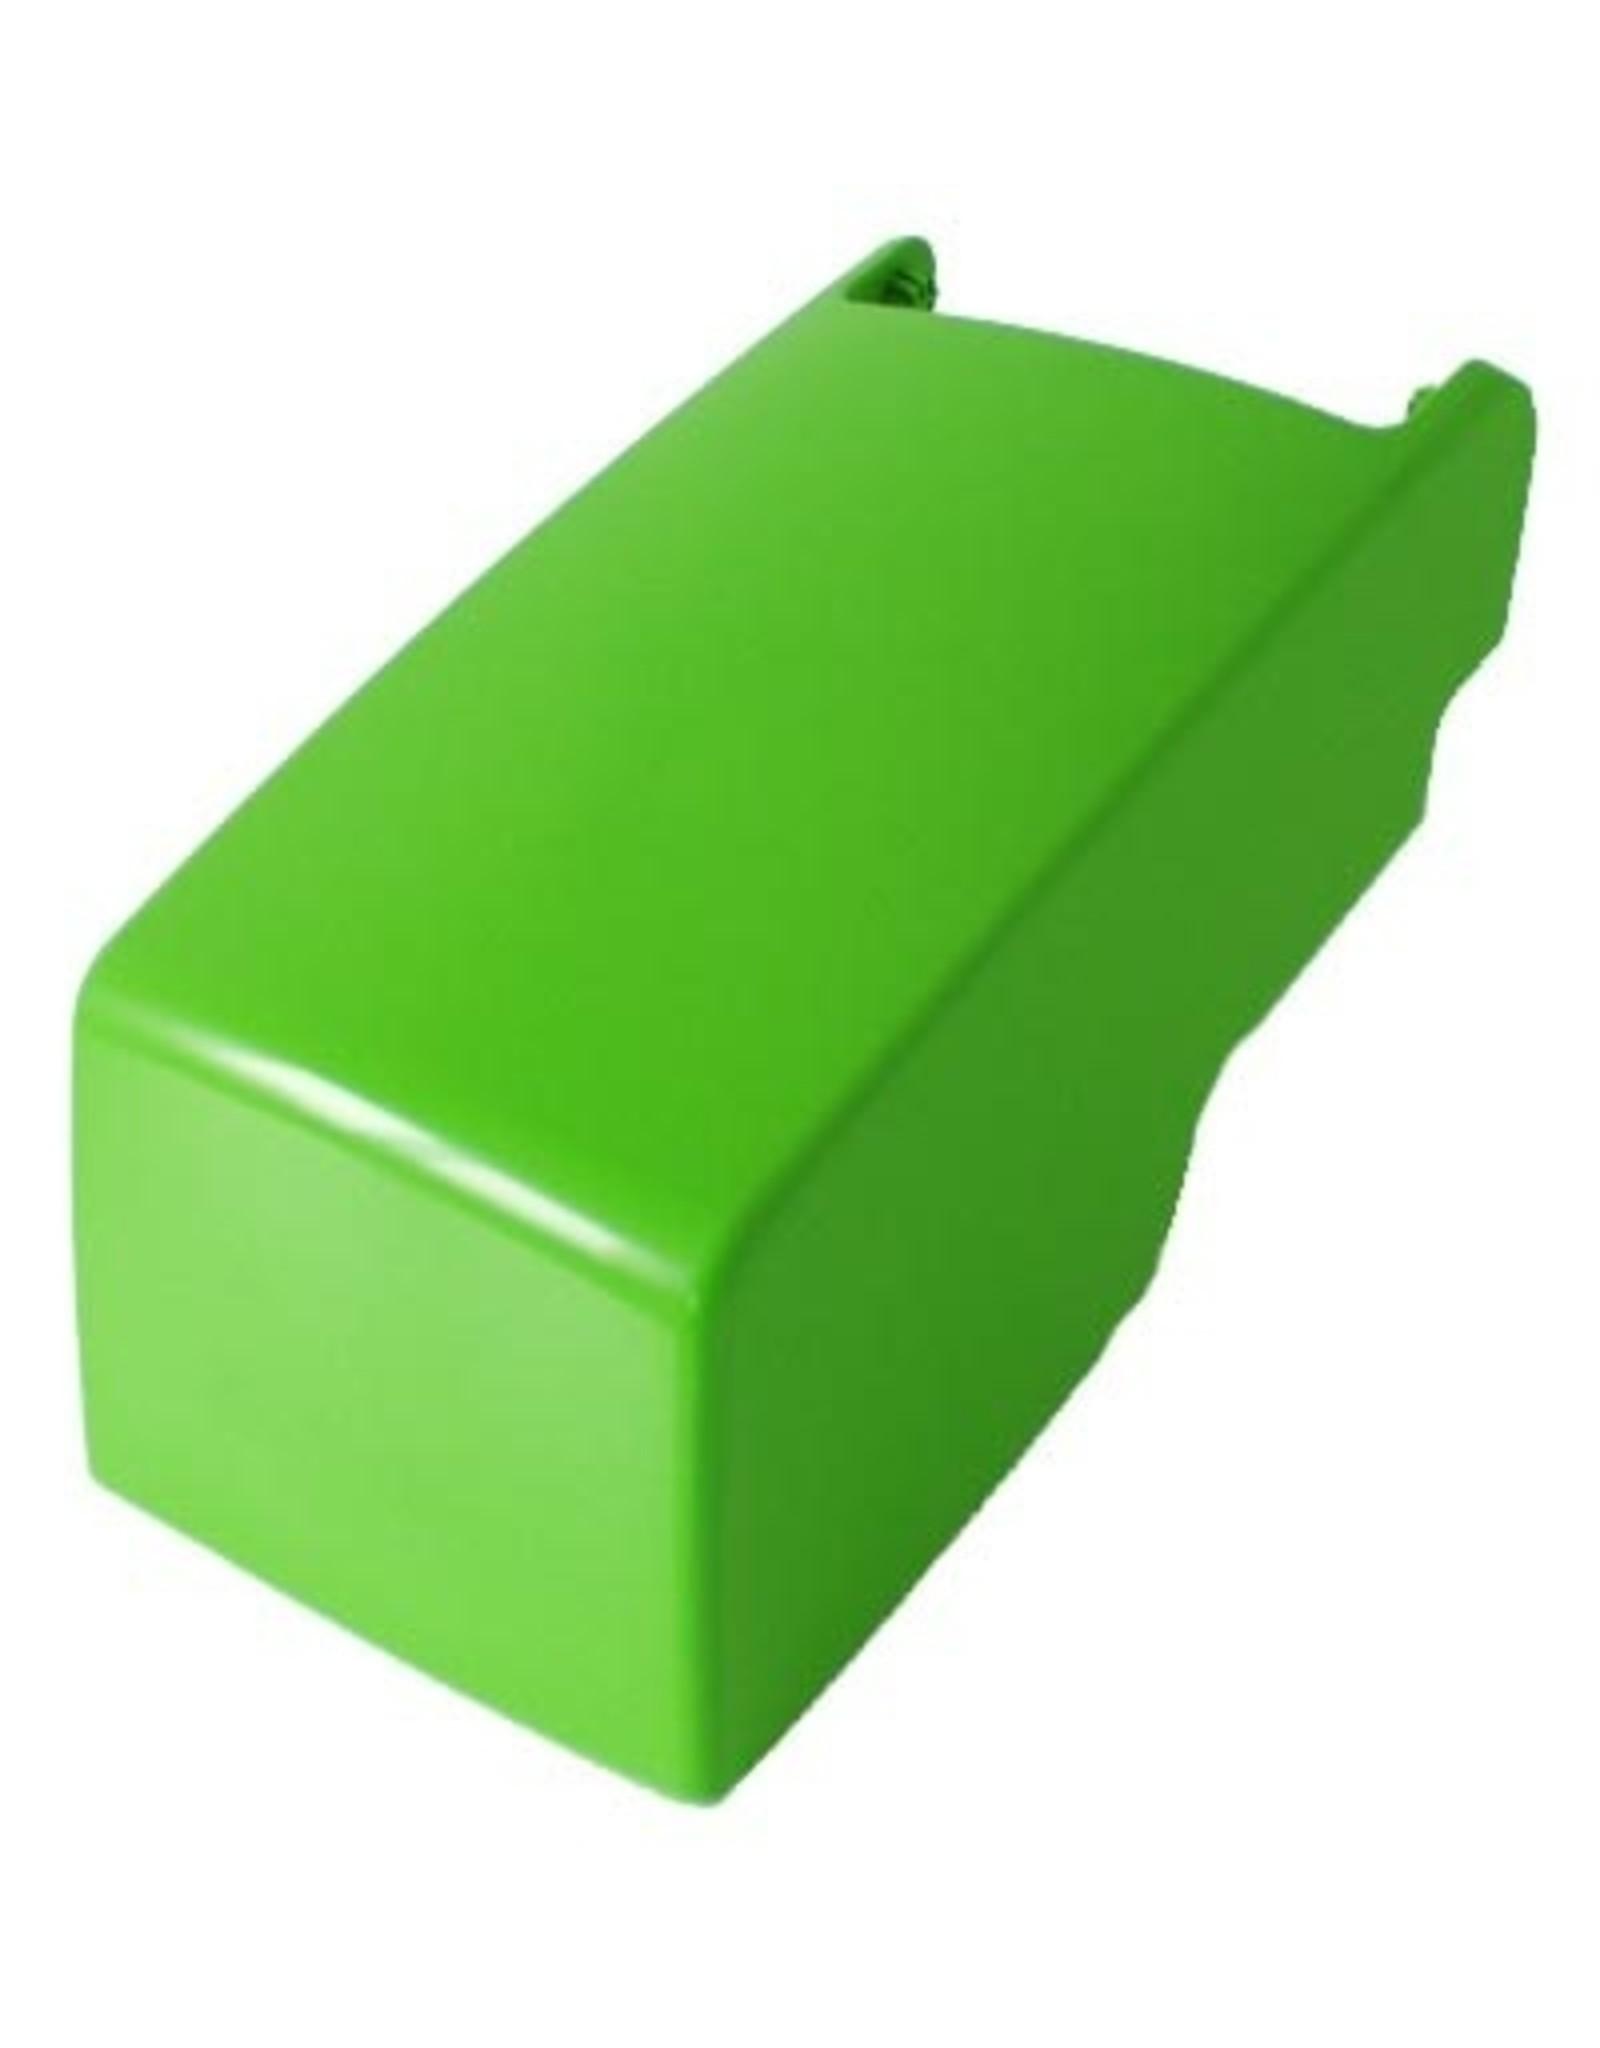 Rolly Toys Motorkap Junior Deutz-groen